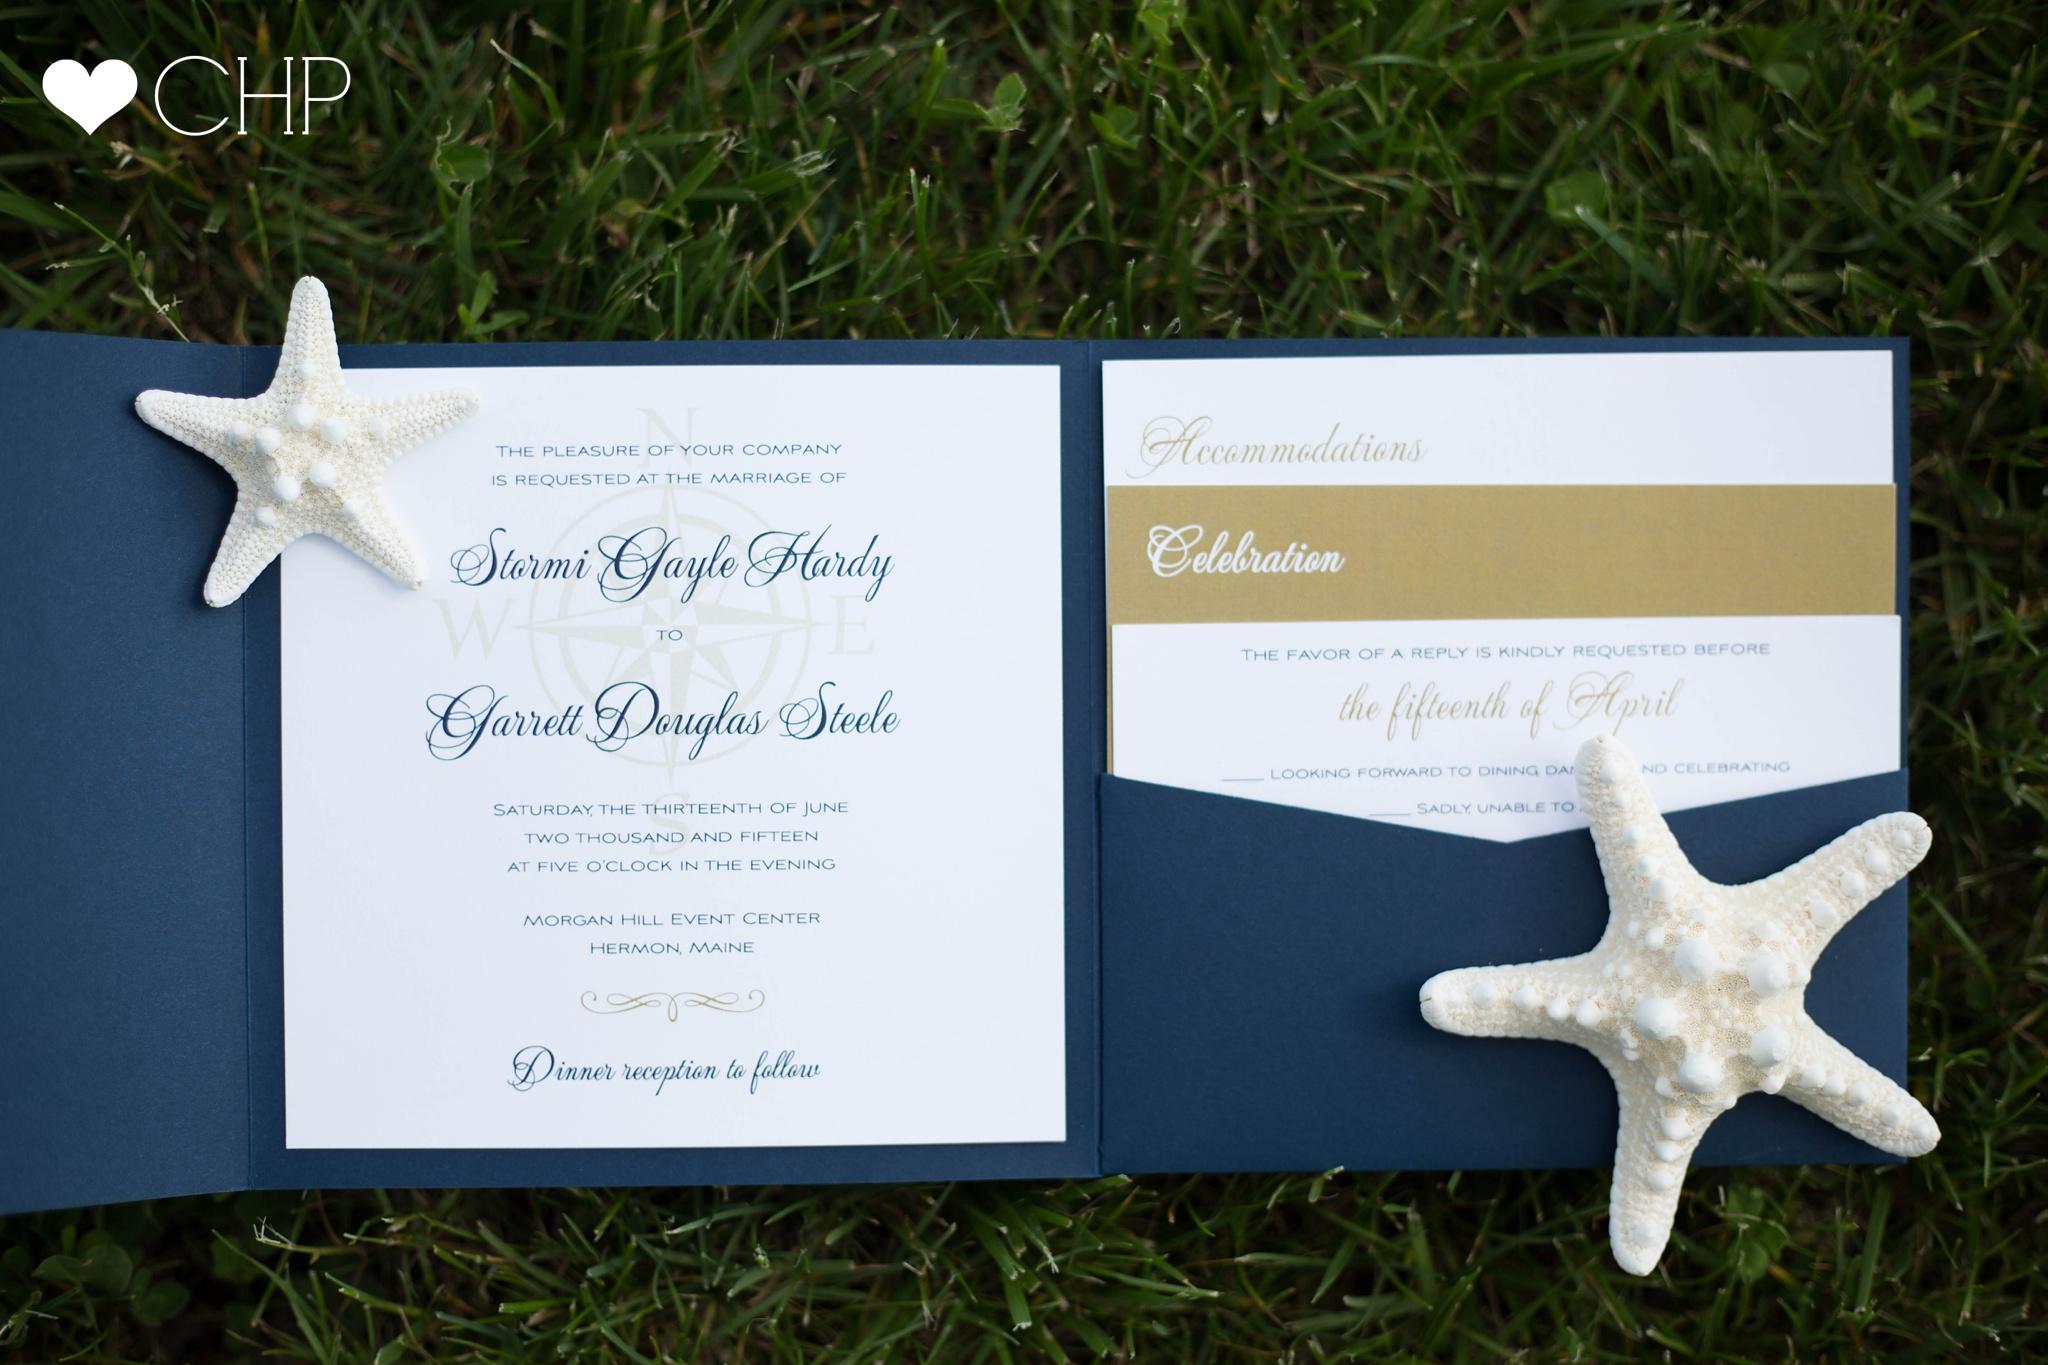 Hermon Maine Weddings